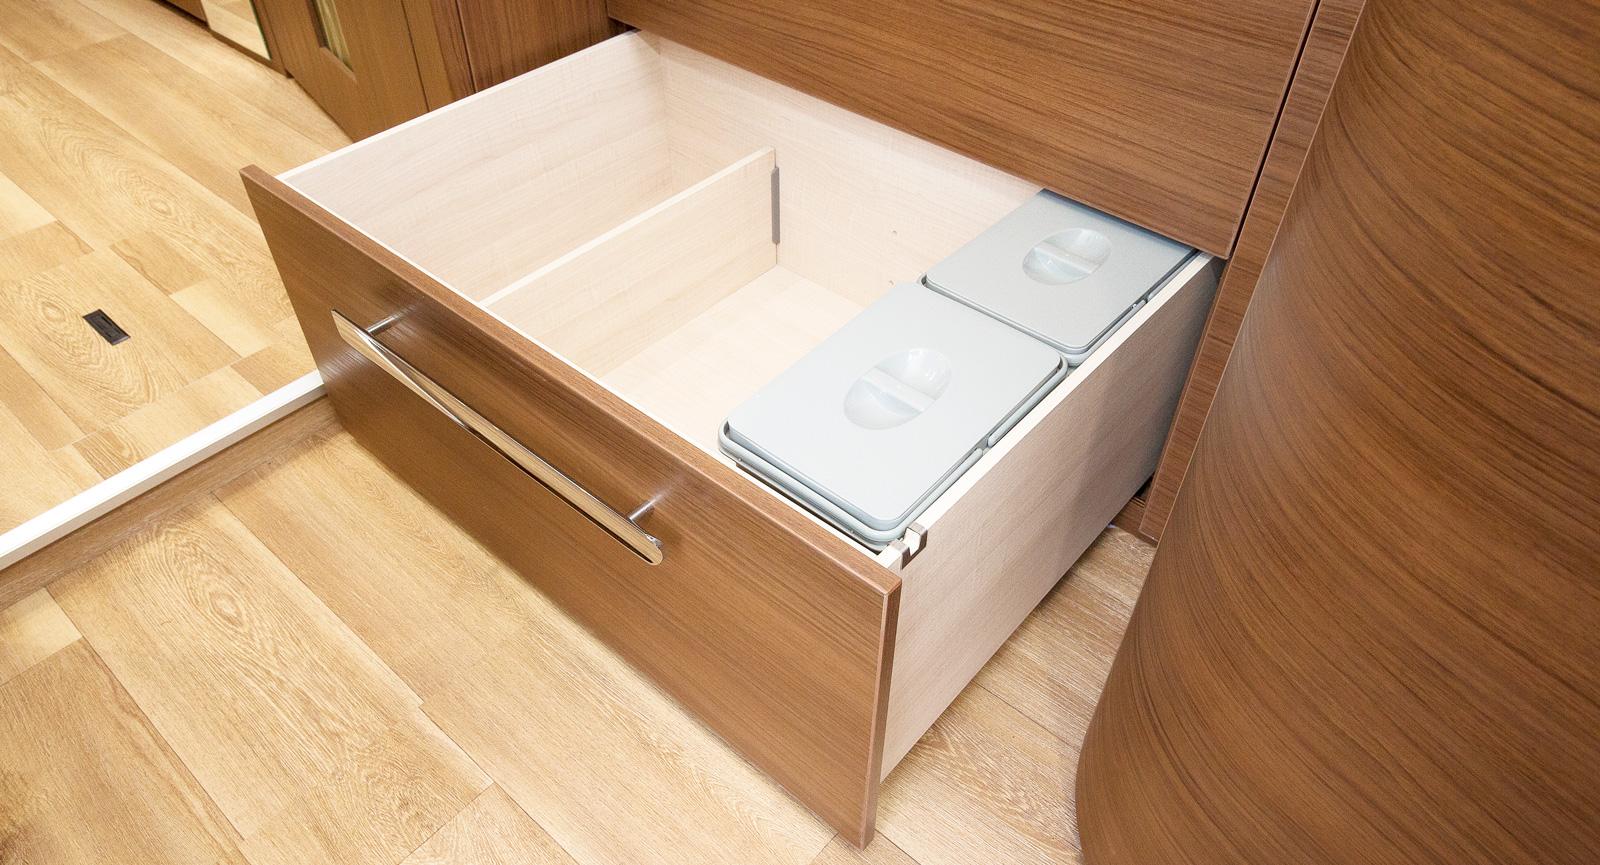 Lådorna har soft-close-mekanism, här finns två sopkorgar.